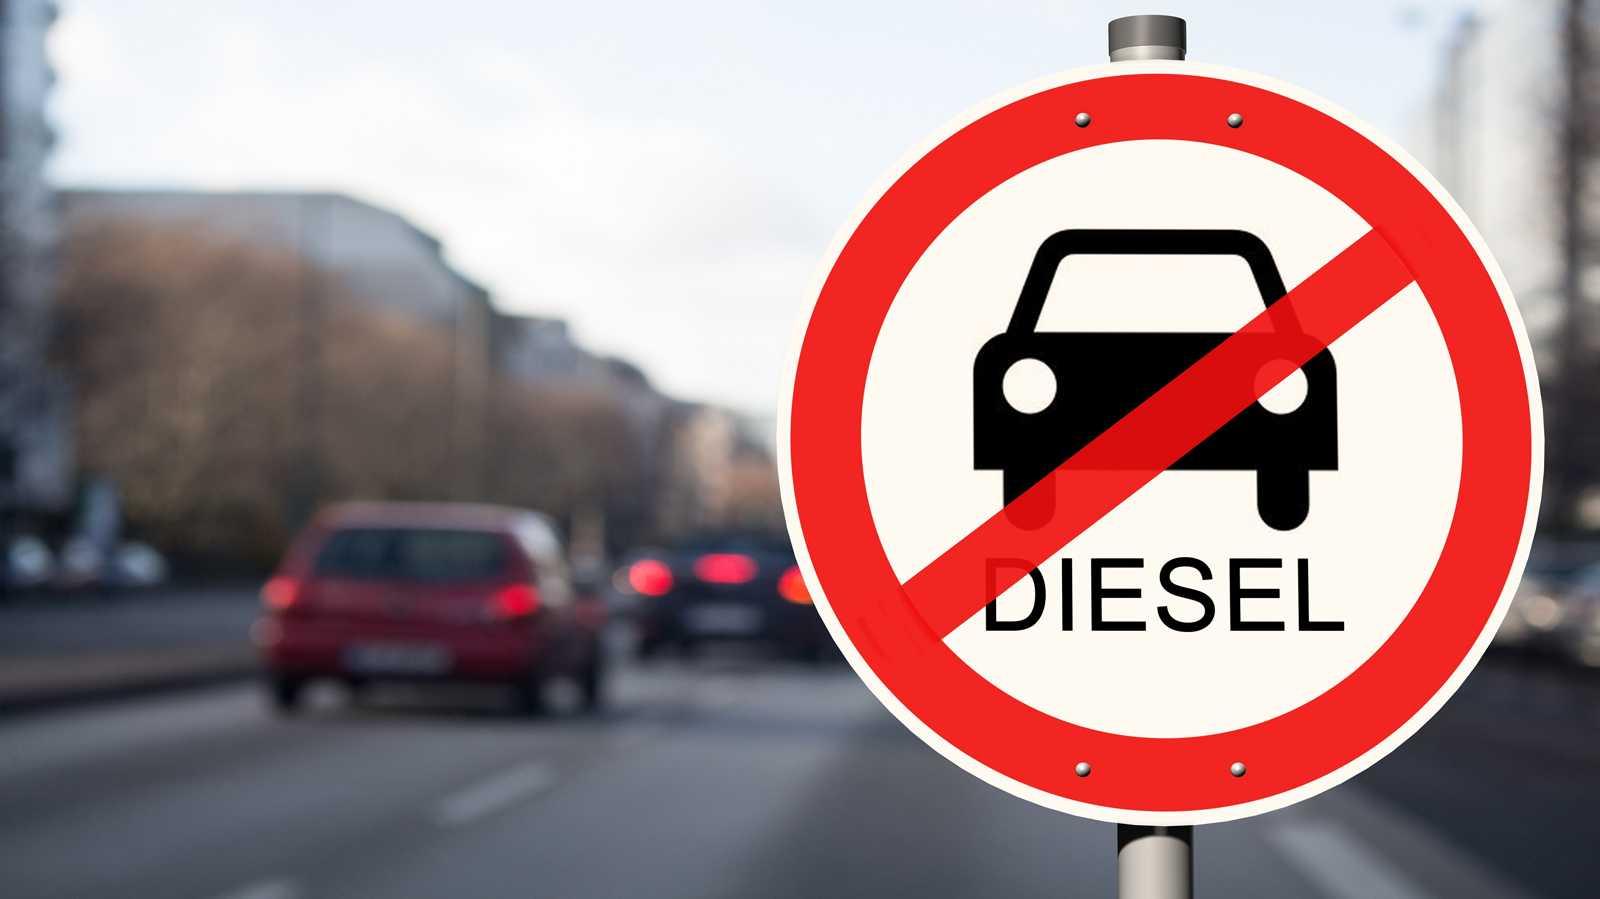 Dieselfahrverbotsschild in der Stadt